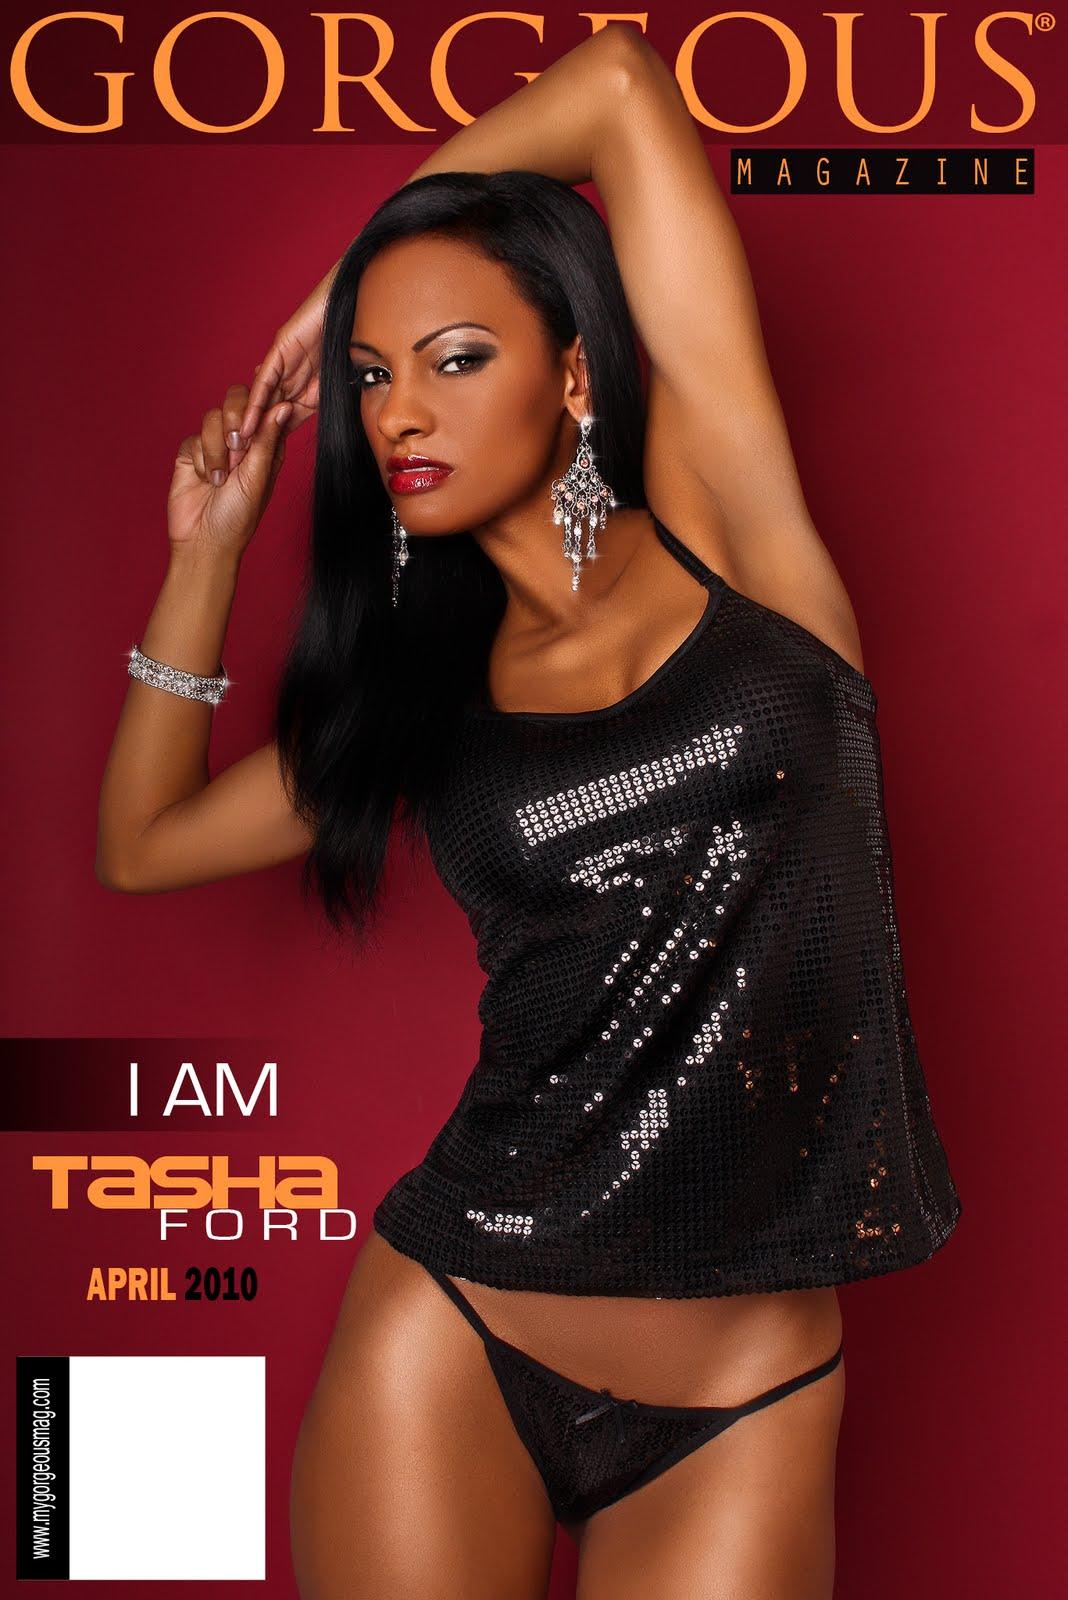 TASHA FORD Official Glam Girls